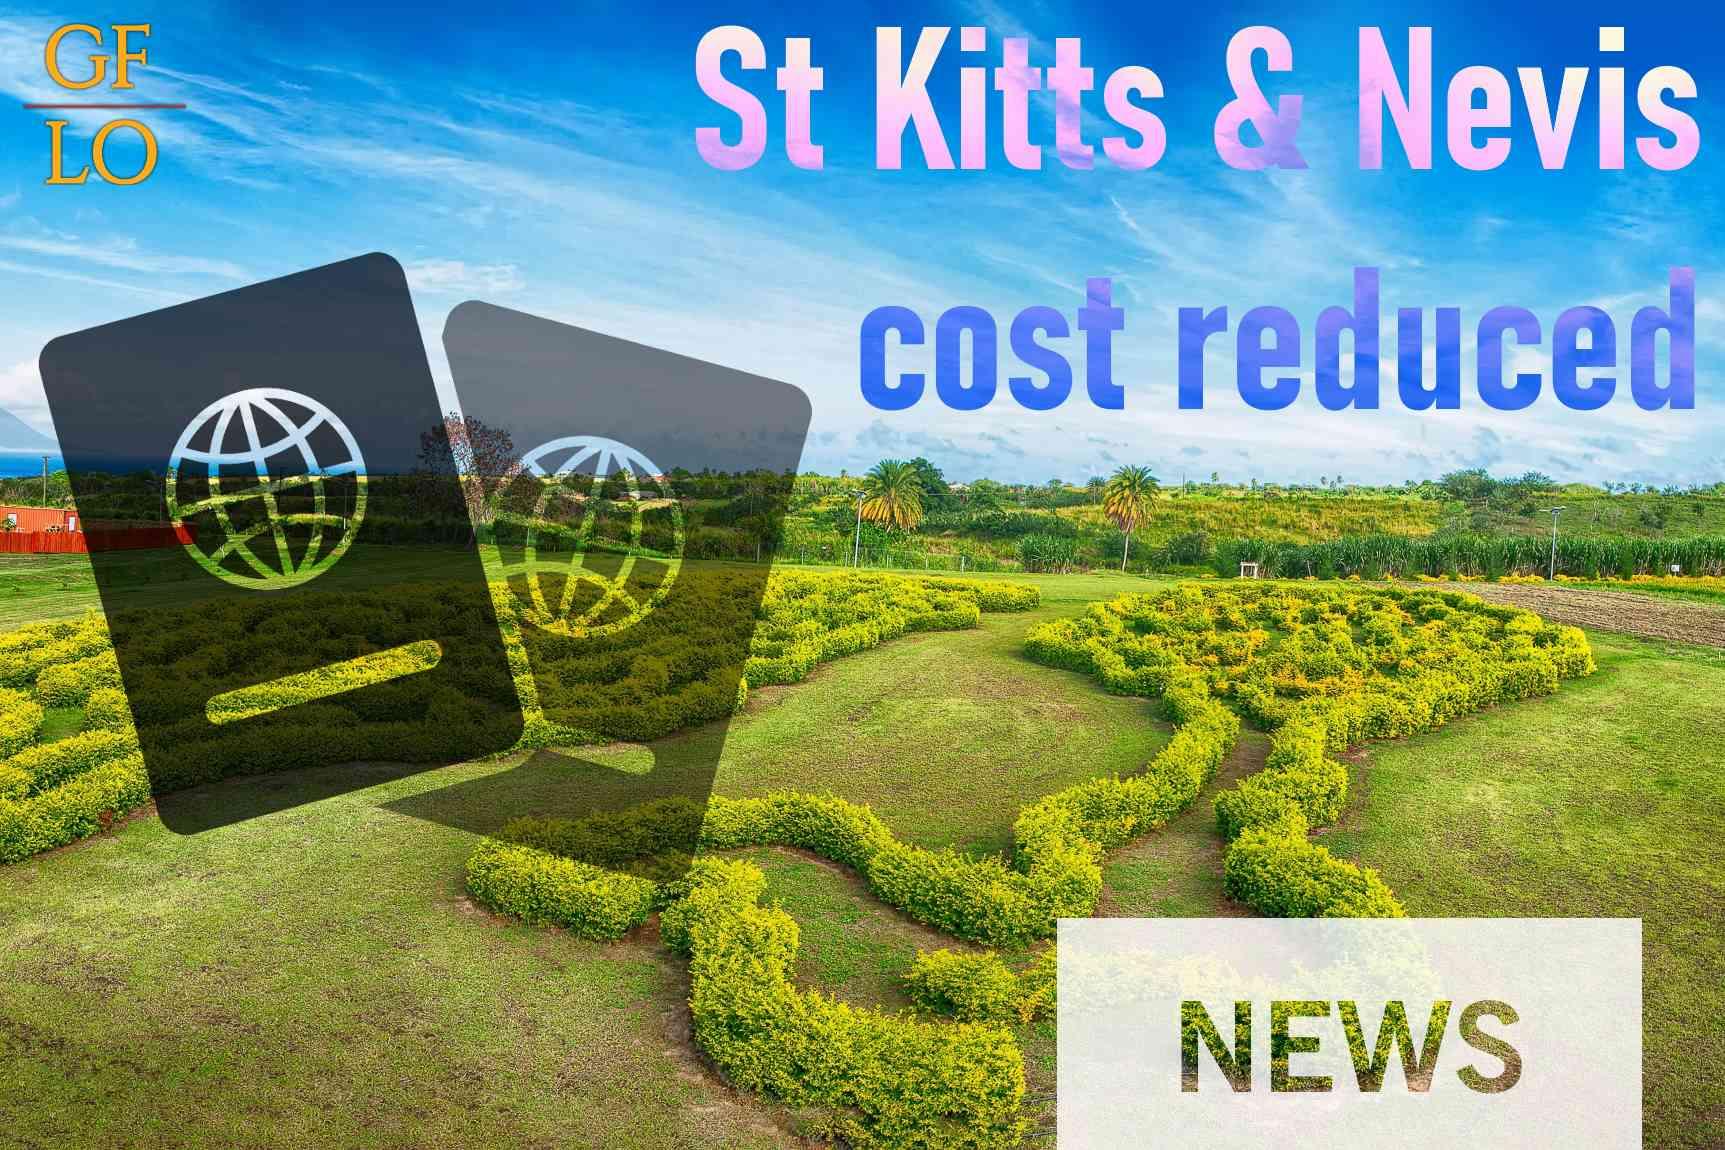 Минимальная сумма инвестиций для получения гражданства на Сент-Китс и Невисе теперь на US$45.000 меньше